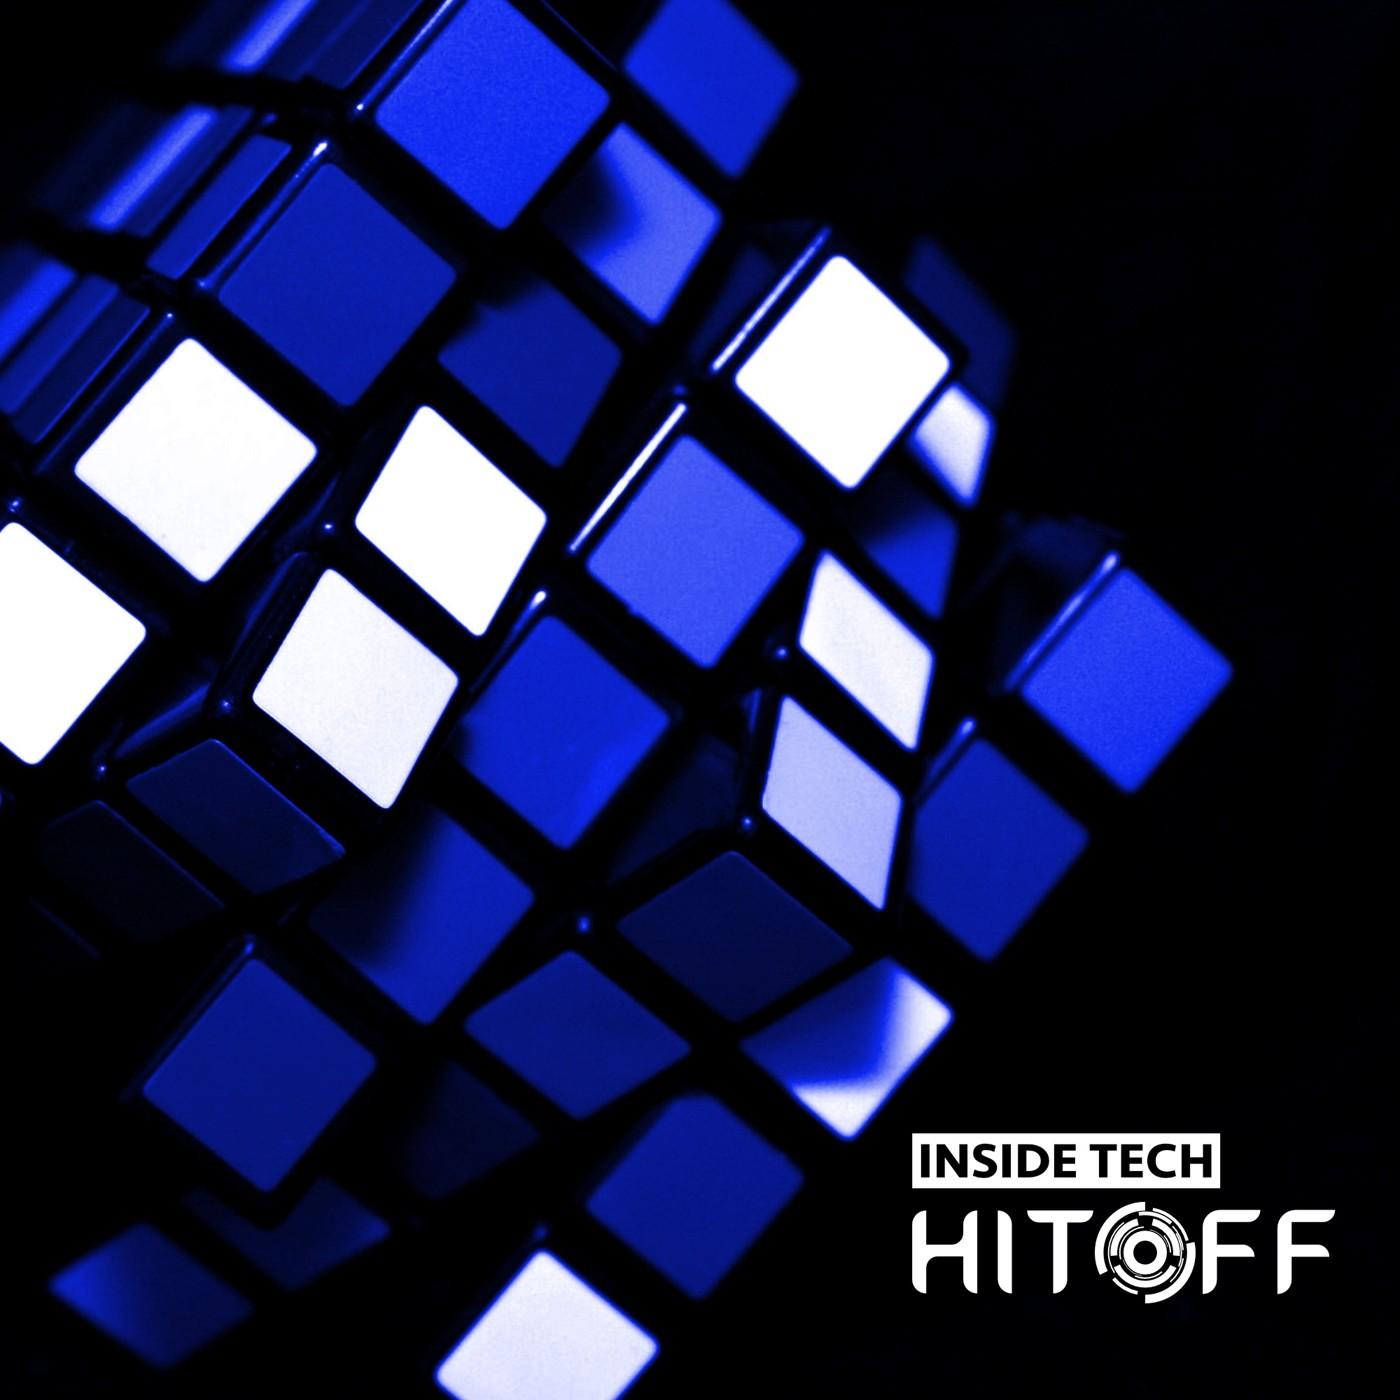 HITOFF